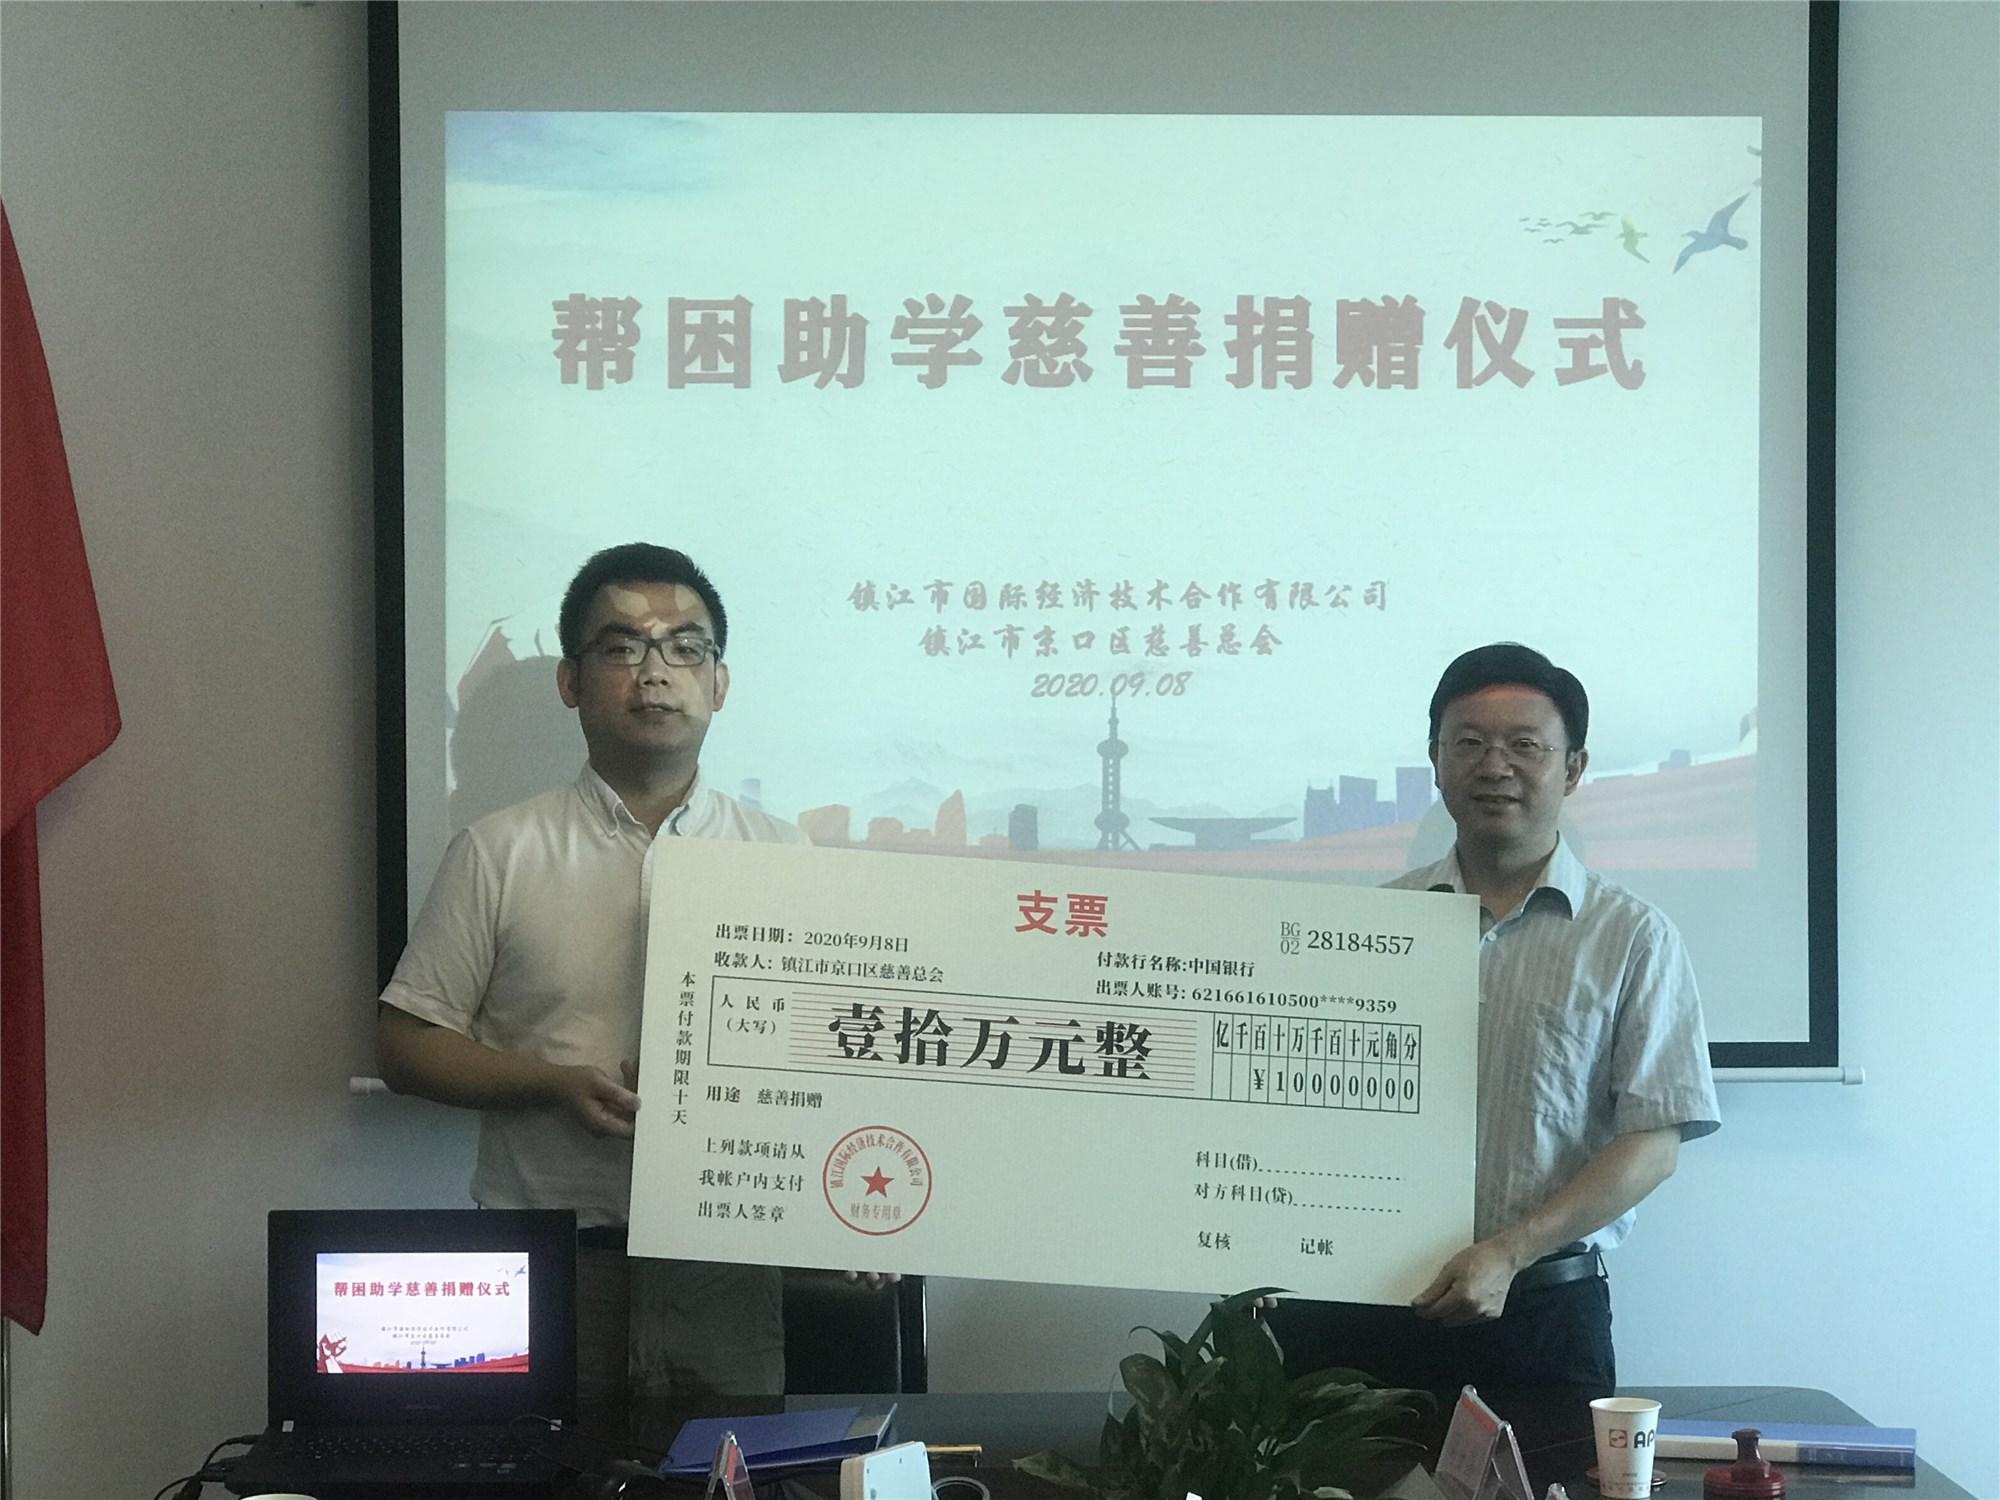 鎮江國際(CZICC)開展慈善捐助活動